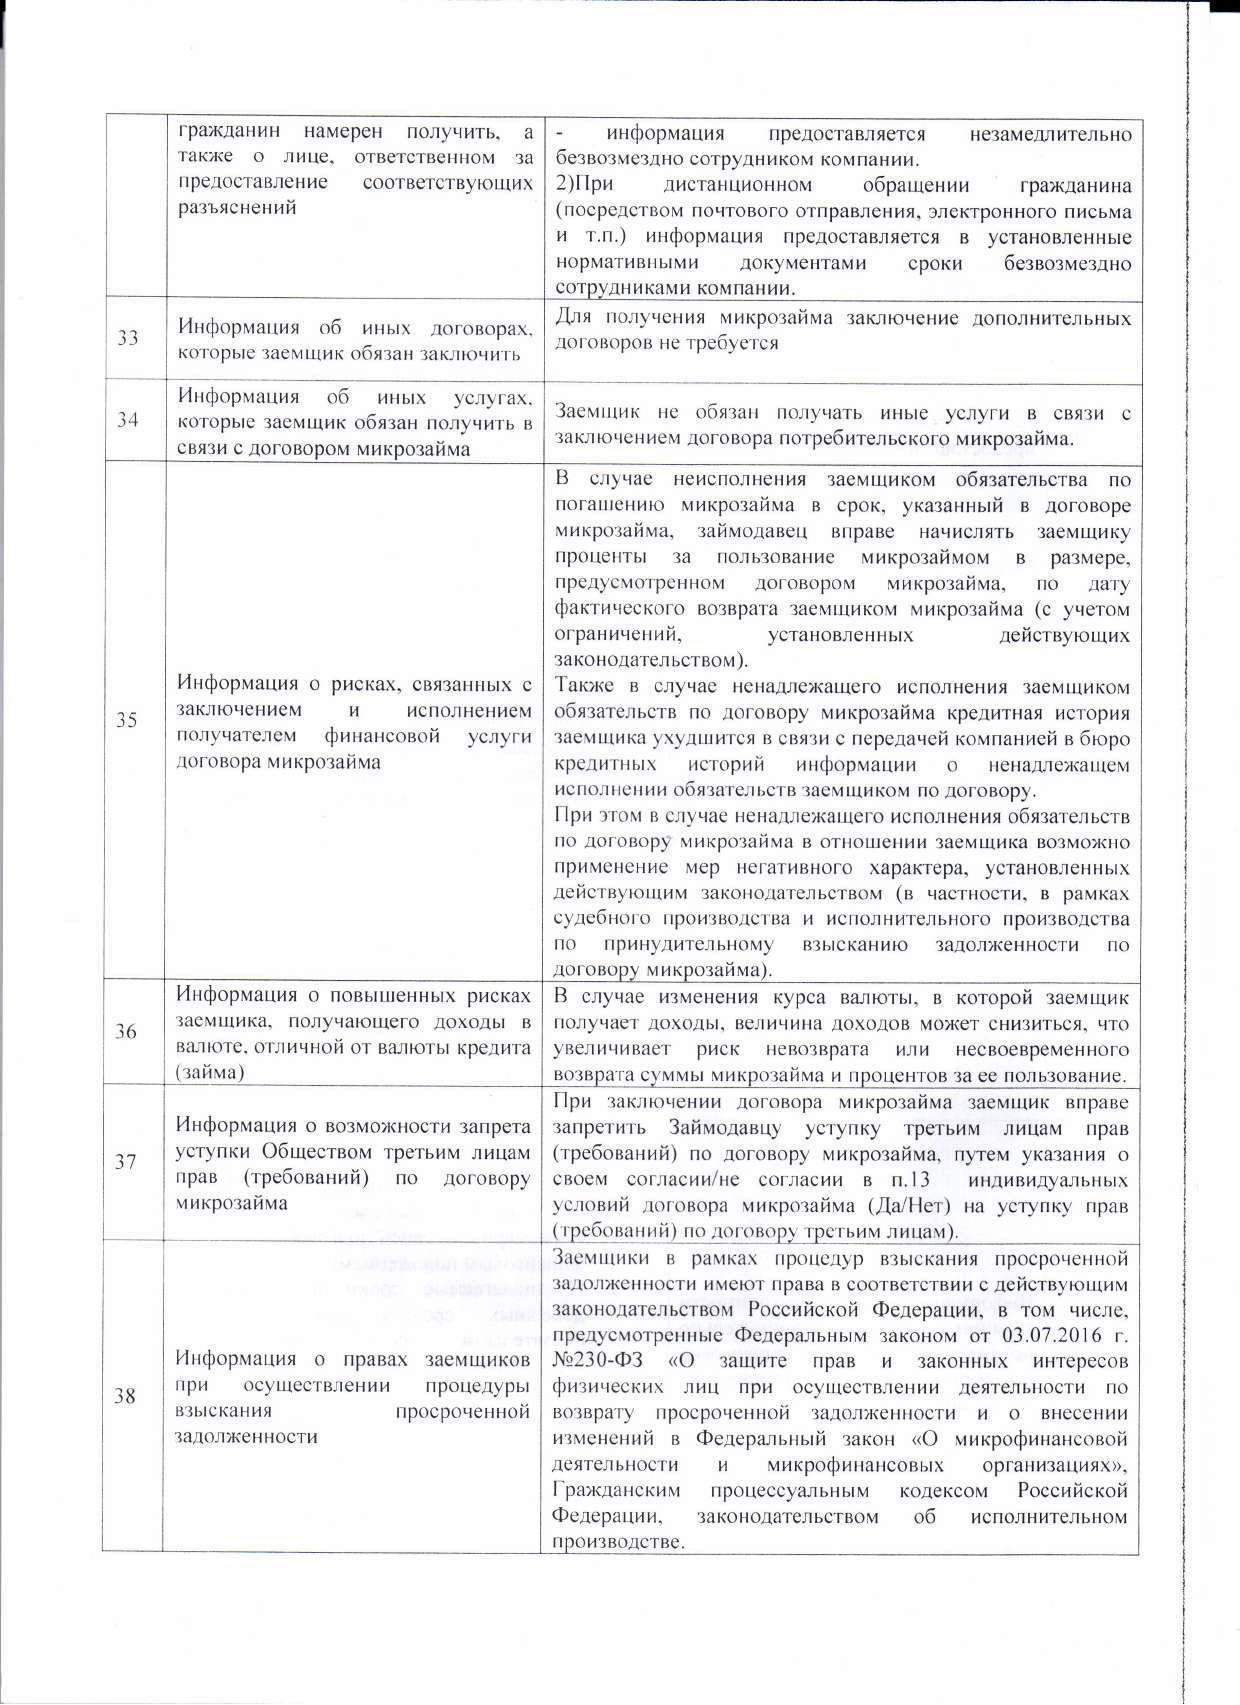 Информация об условиях предоставления, использования и возврата микрозаймов стр7